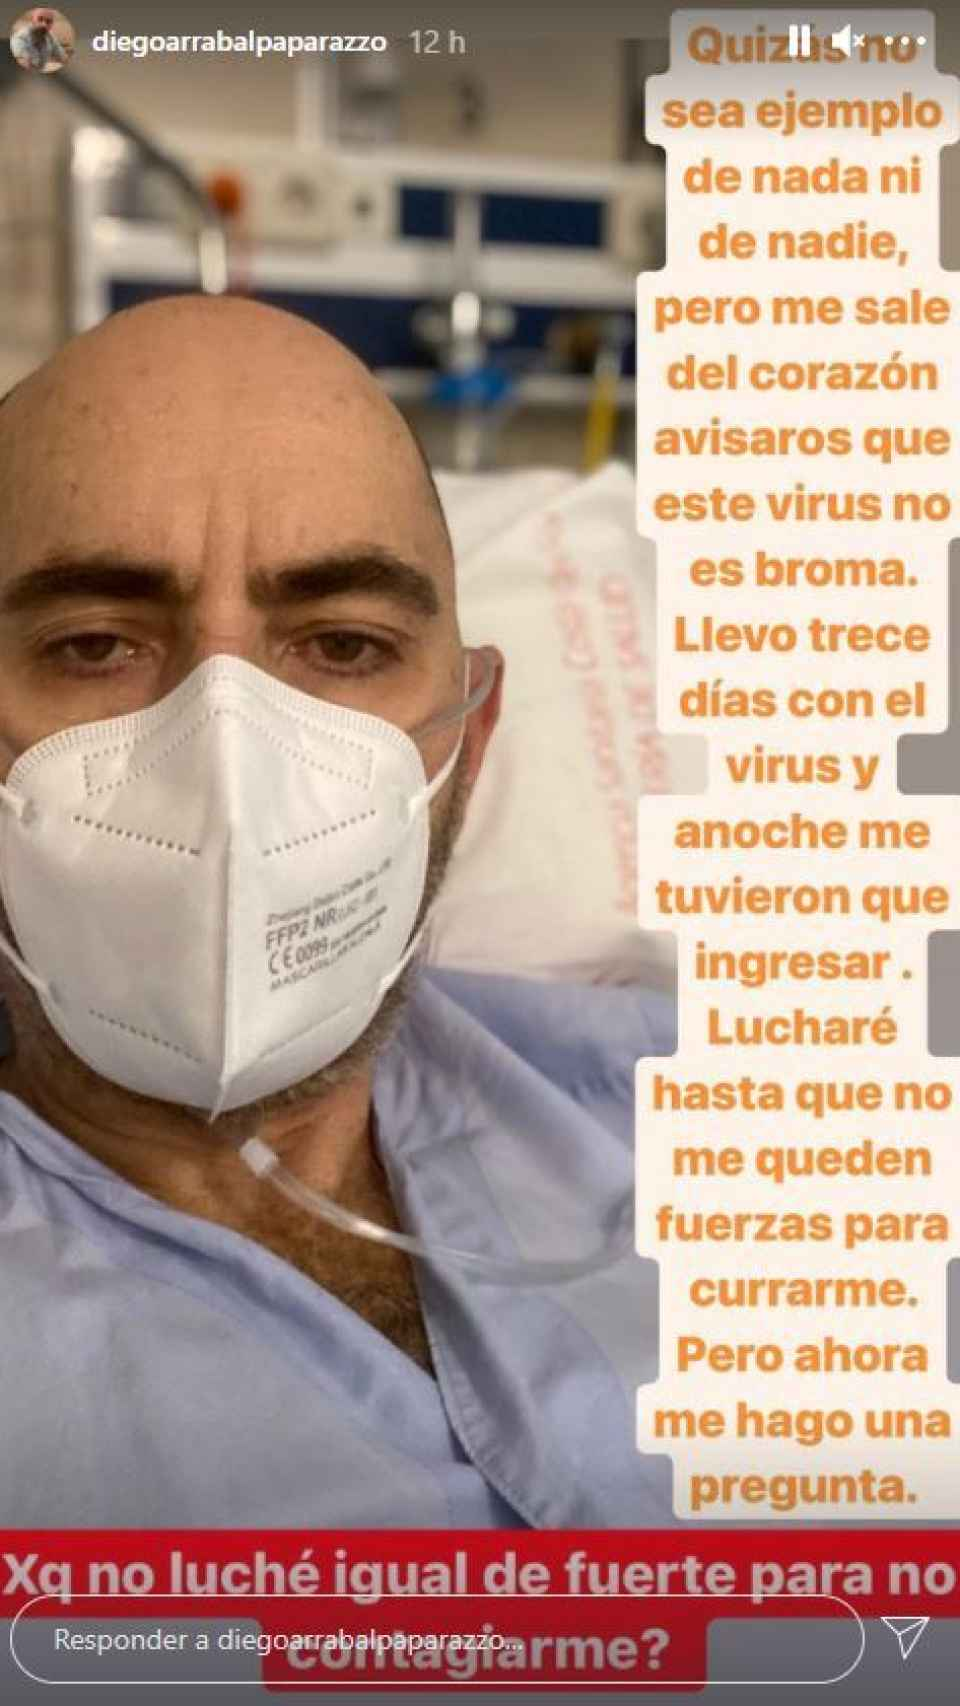 La imagen de Diego en el hospital.